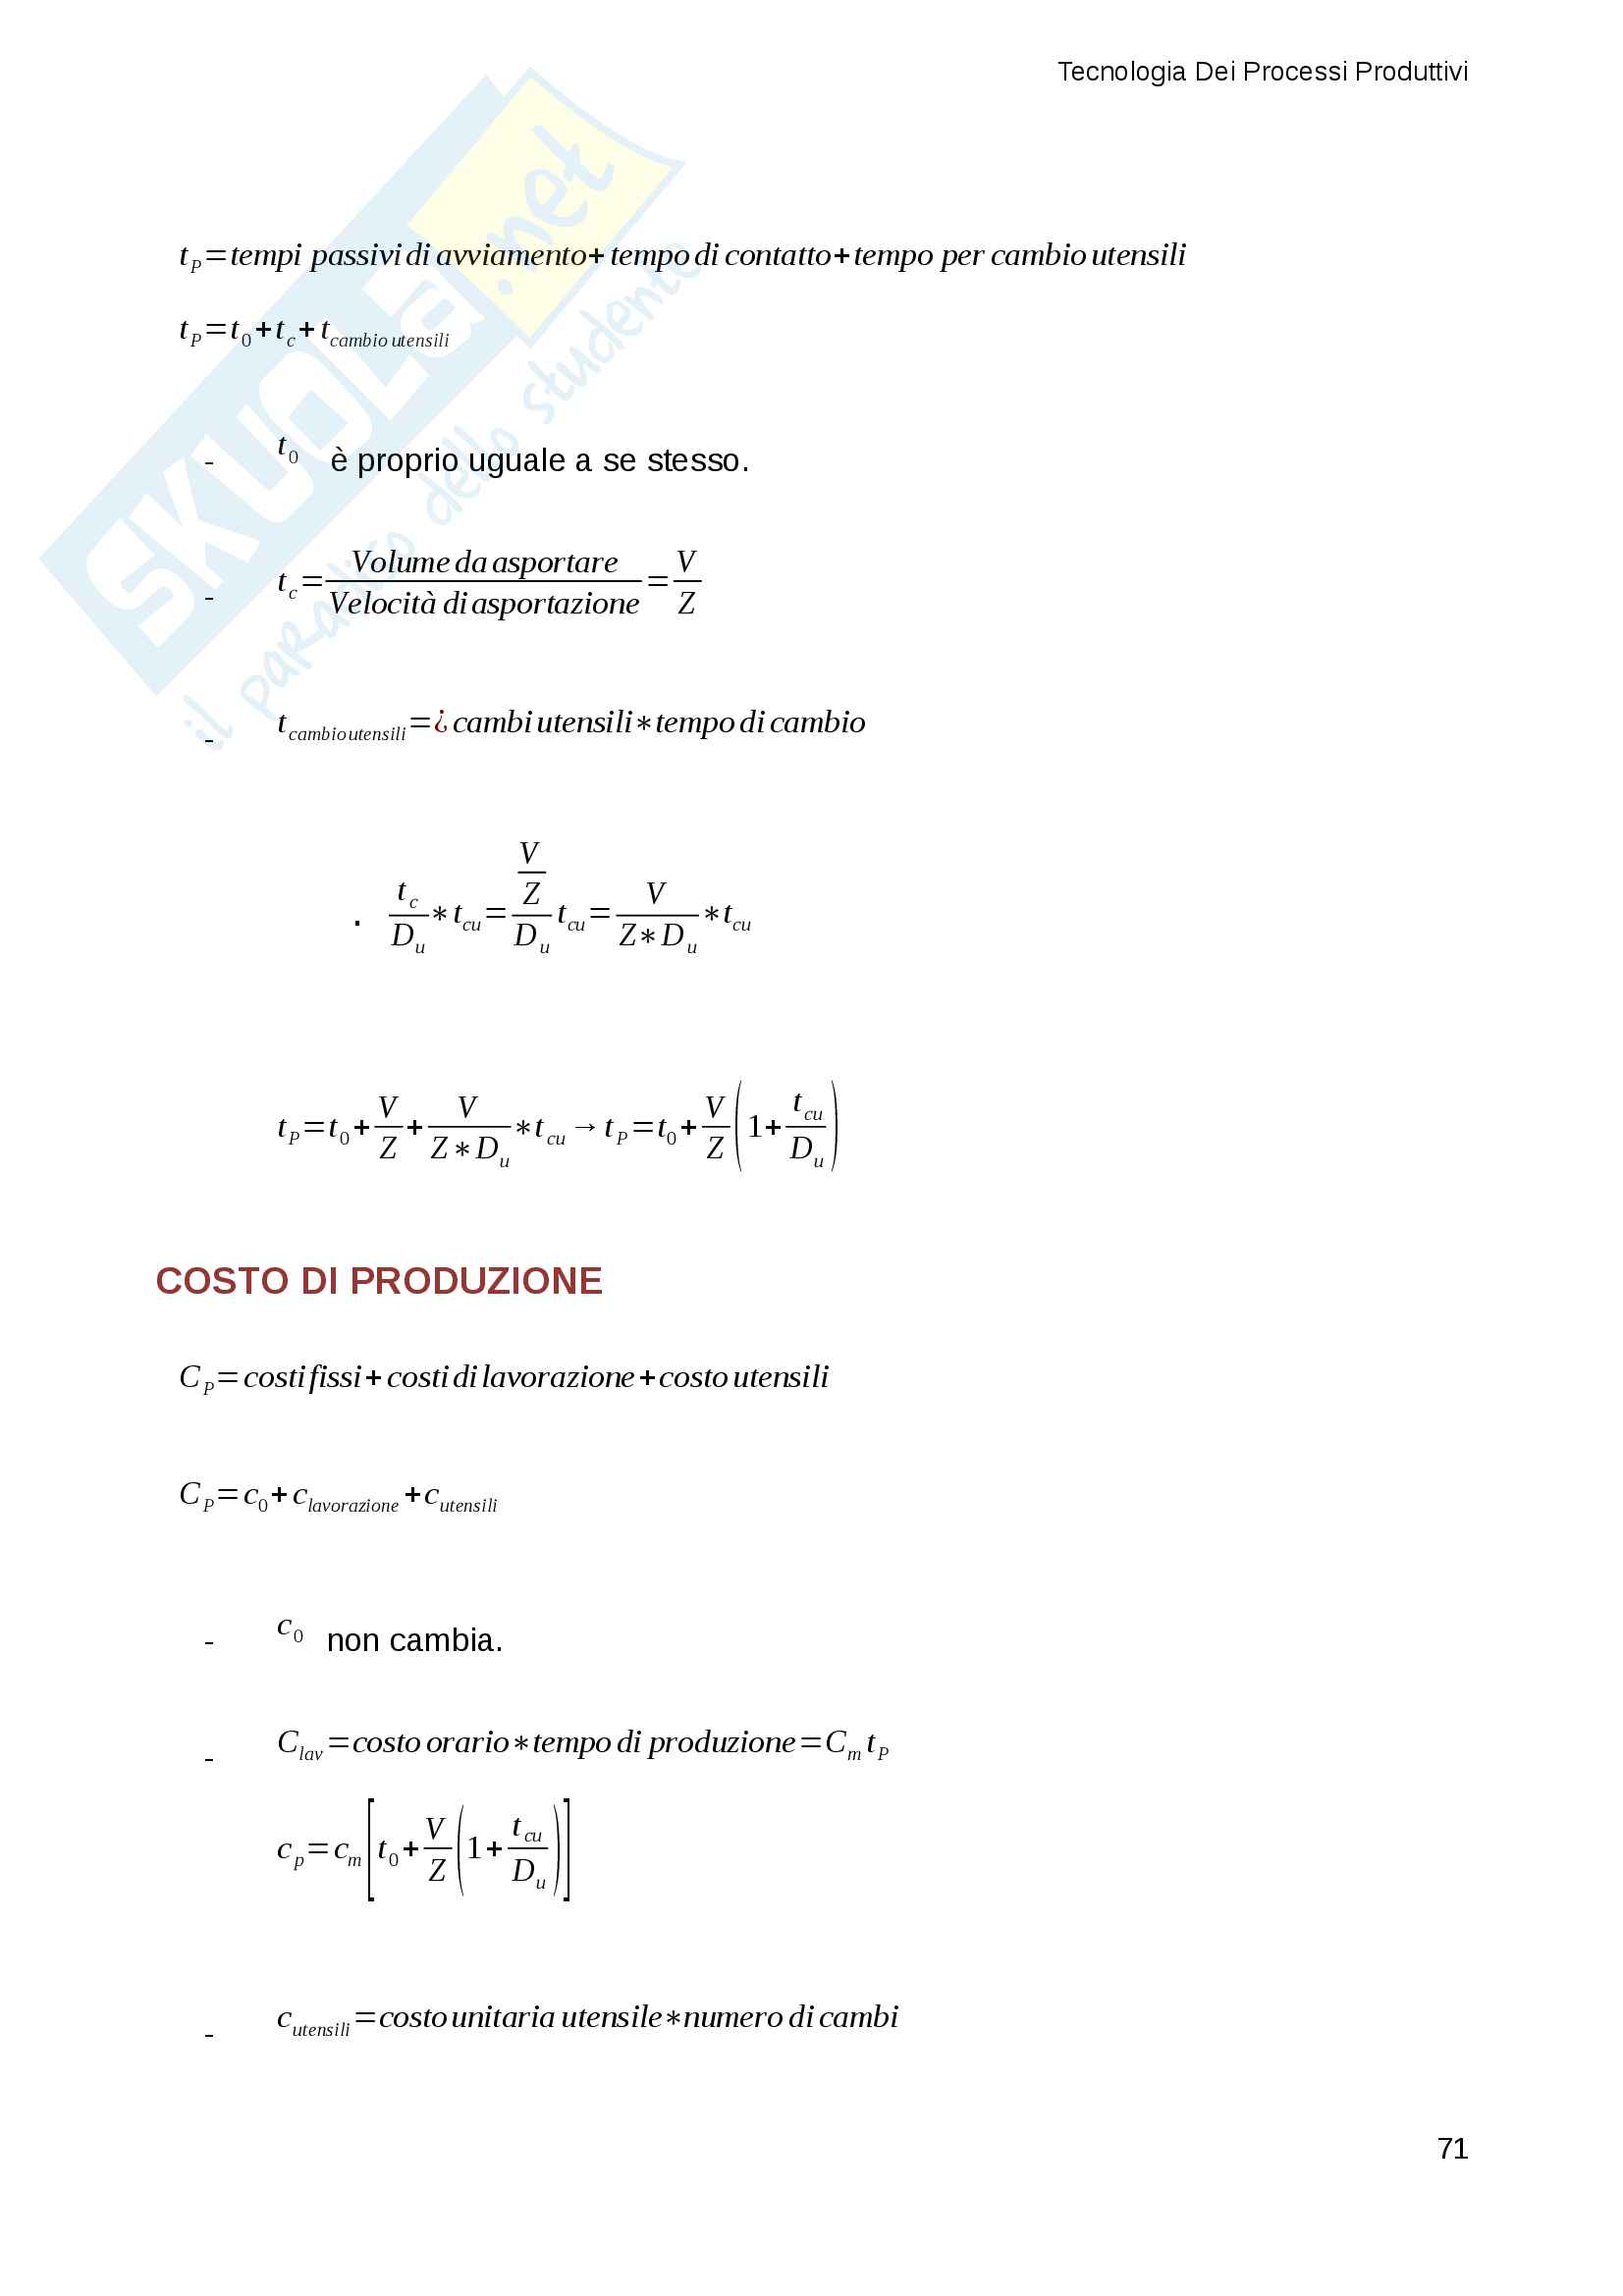 Appunti e Riassunti Tecnologia Dei Processi Produttivi (TPP), Gestionale Sapienza Pag. 71